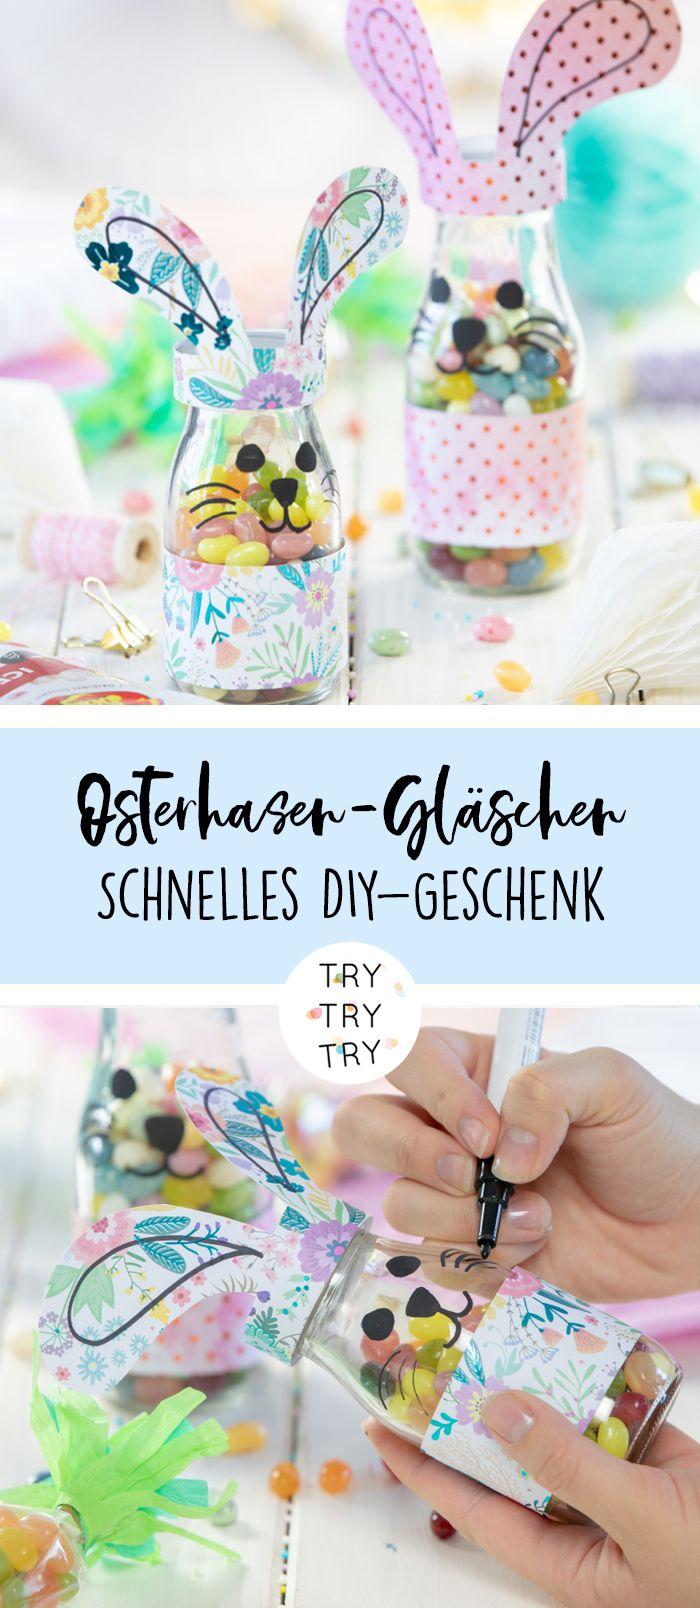 Osterhasen-Gläschen und Karotten-Tüten mit Jelly Belly